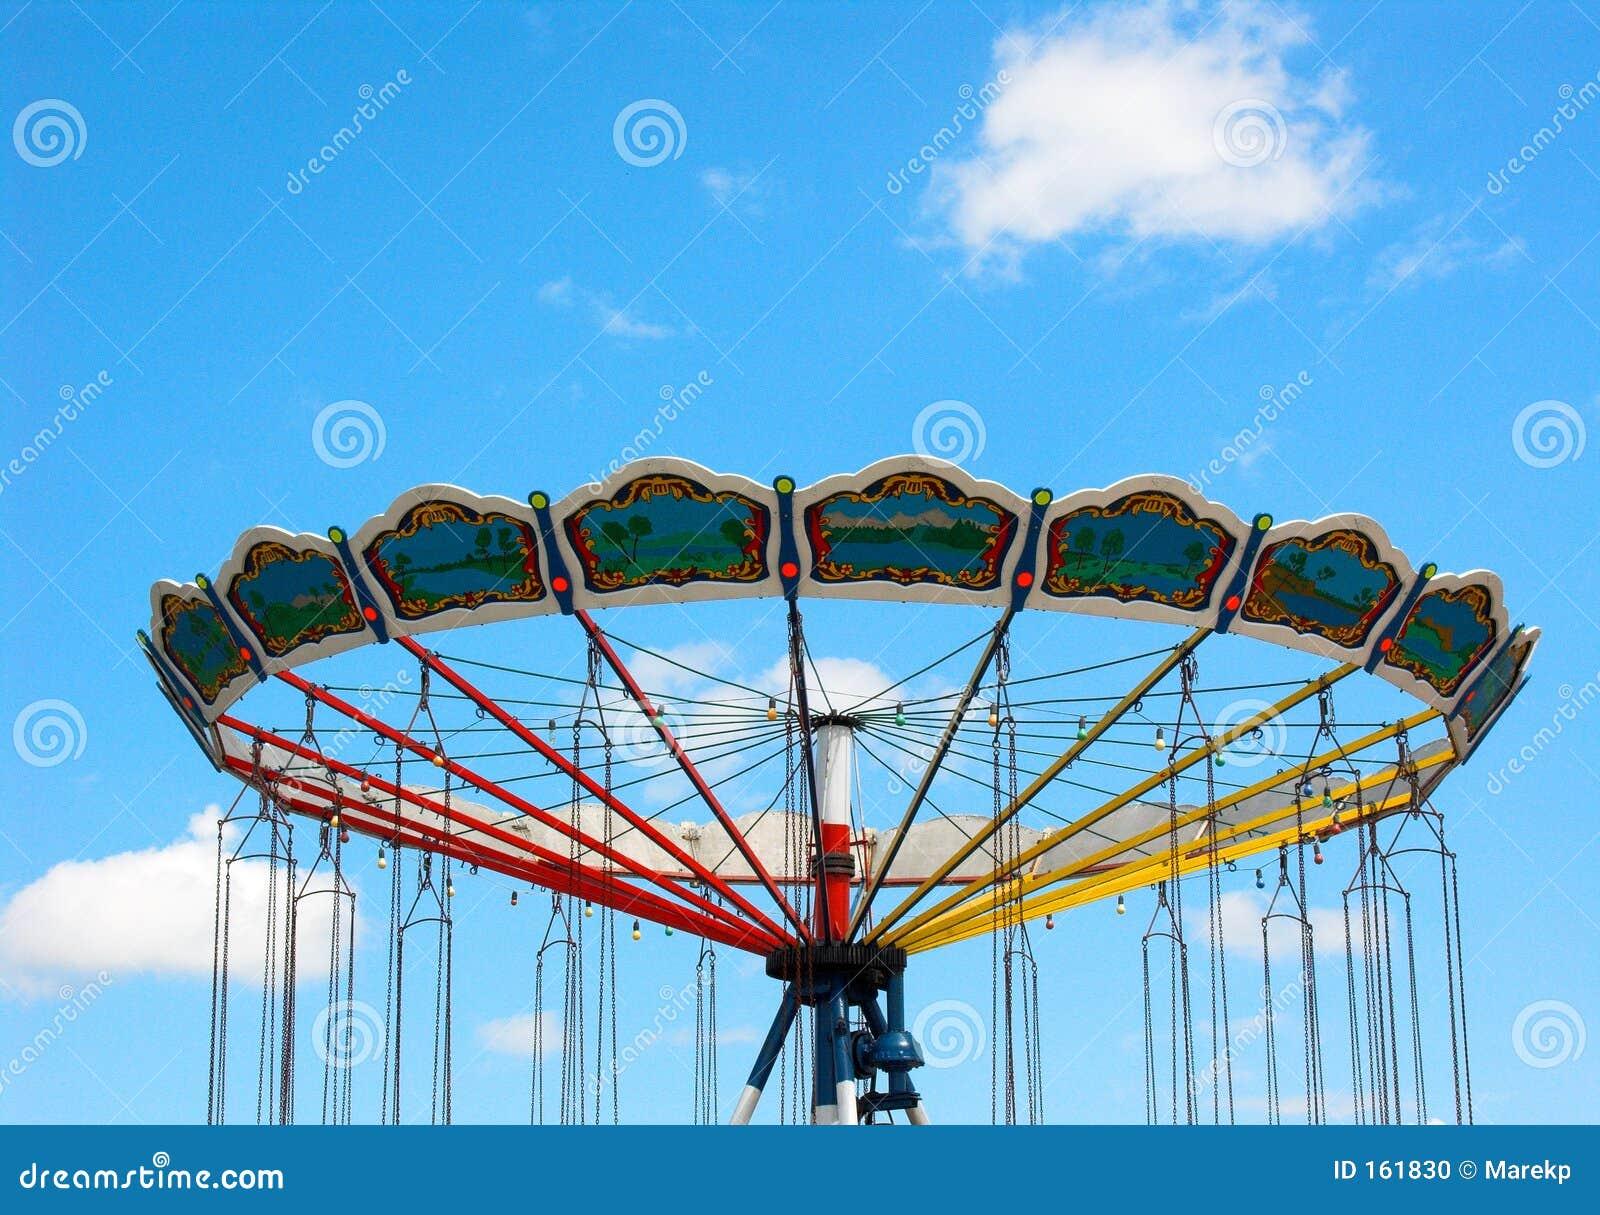 Carousel empty